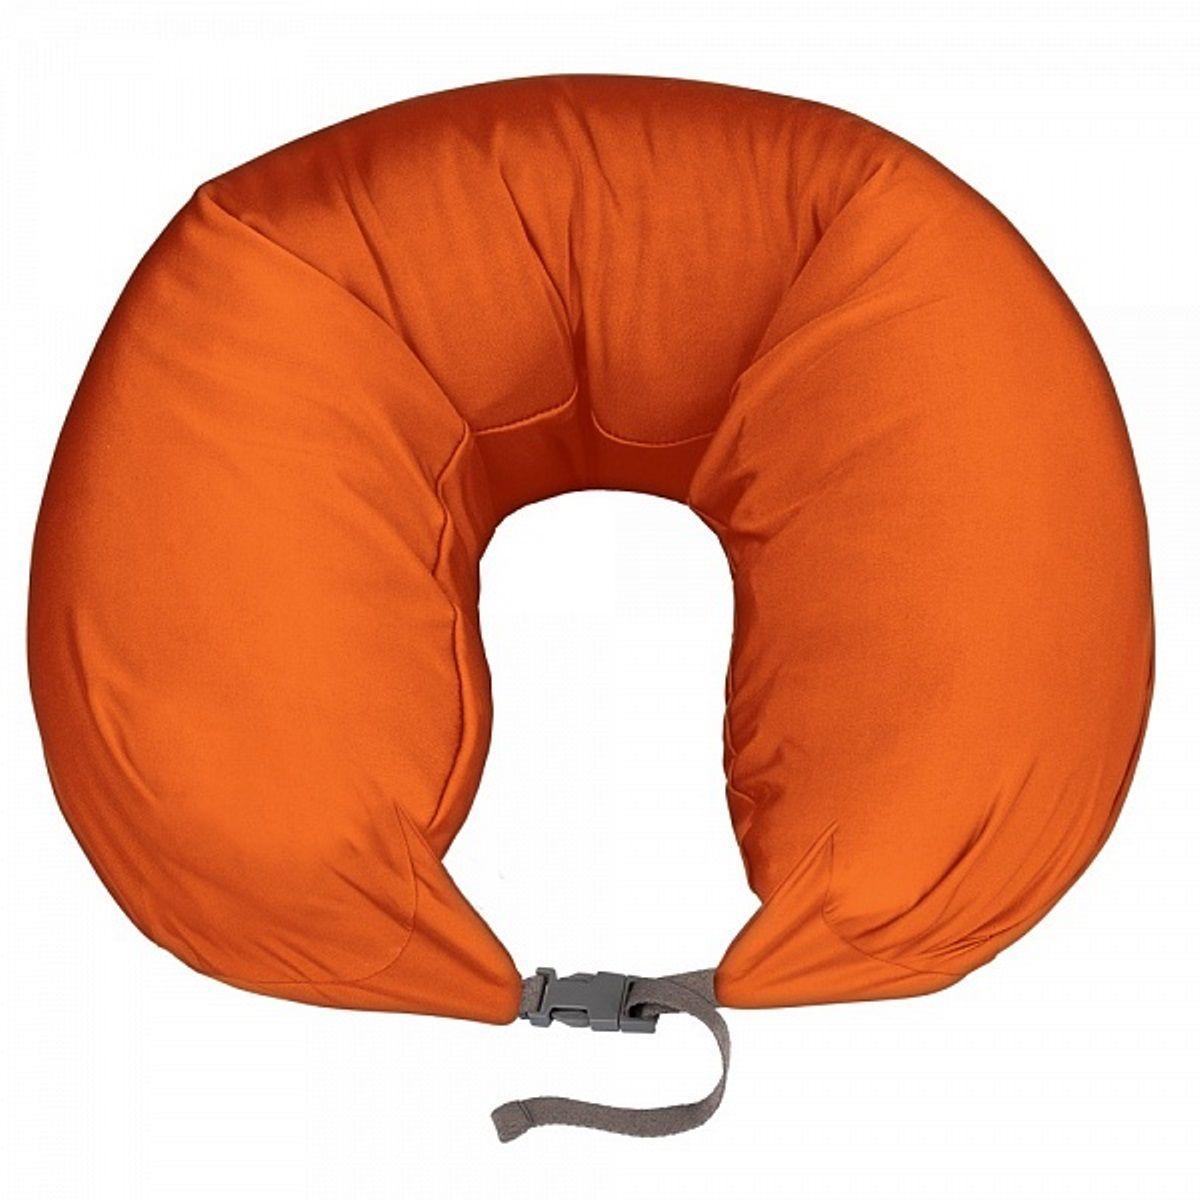 Подушка для шеи Woodsurf  La Siesta , массажная, USB, цвет: оранжевый - Подушки